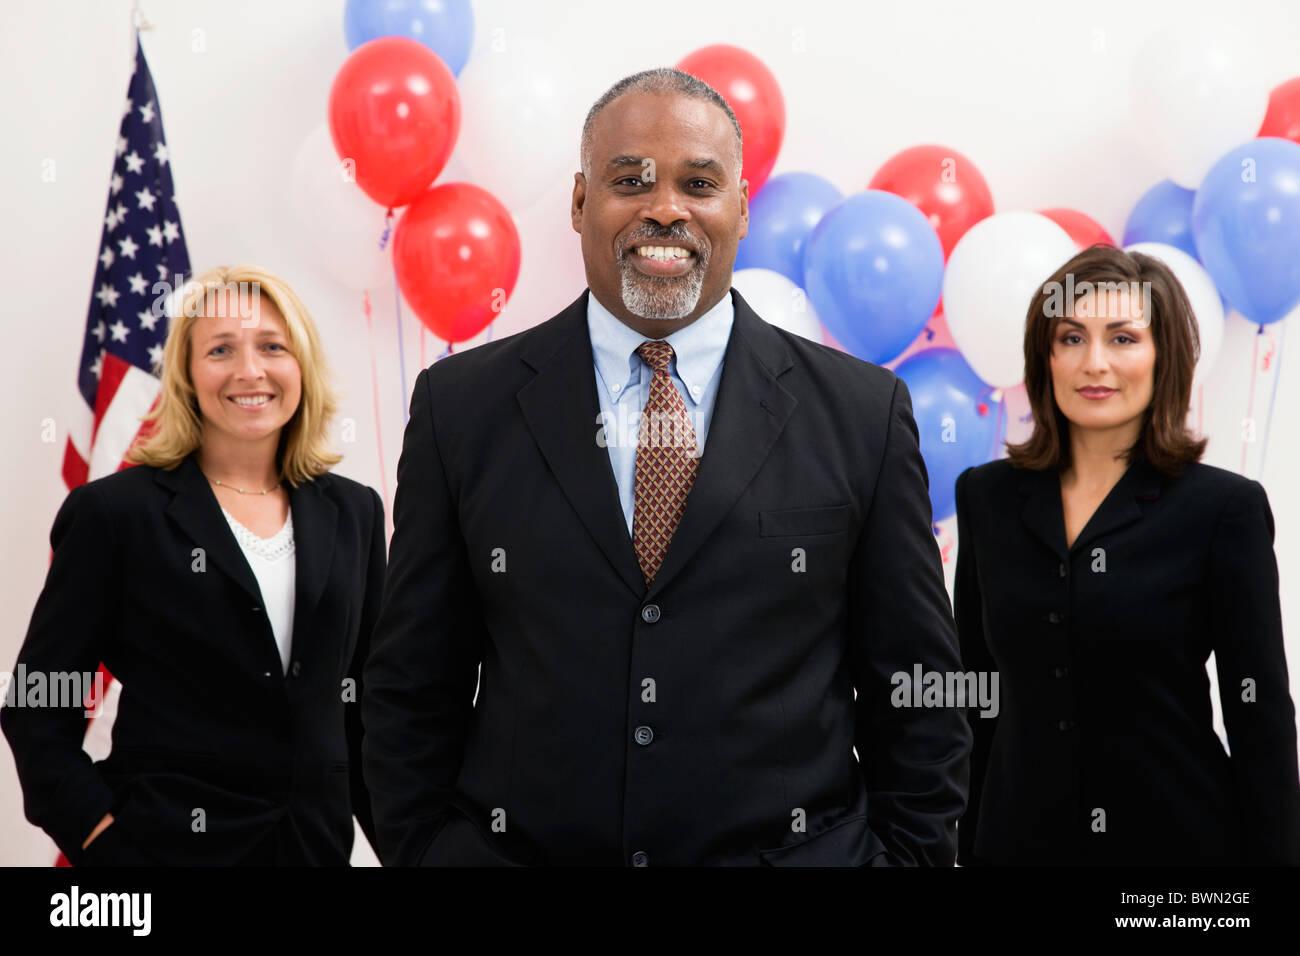 Estados Unidos, Illinois, Metamora, Retrato de los políticos delante de la bandera estadounidense y globos Imagen De Stock